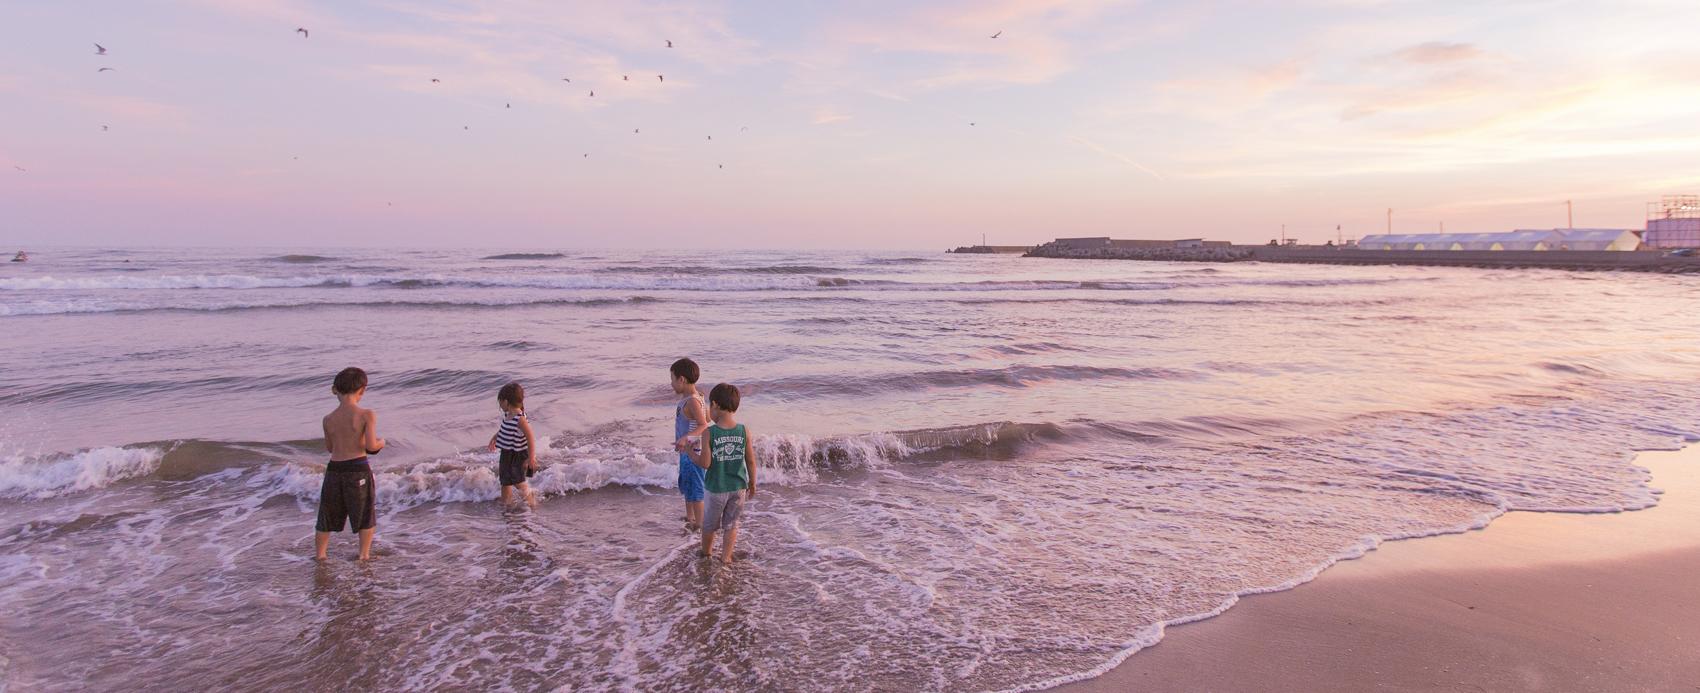 海で遊ぶ子供達の様子